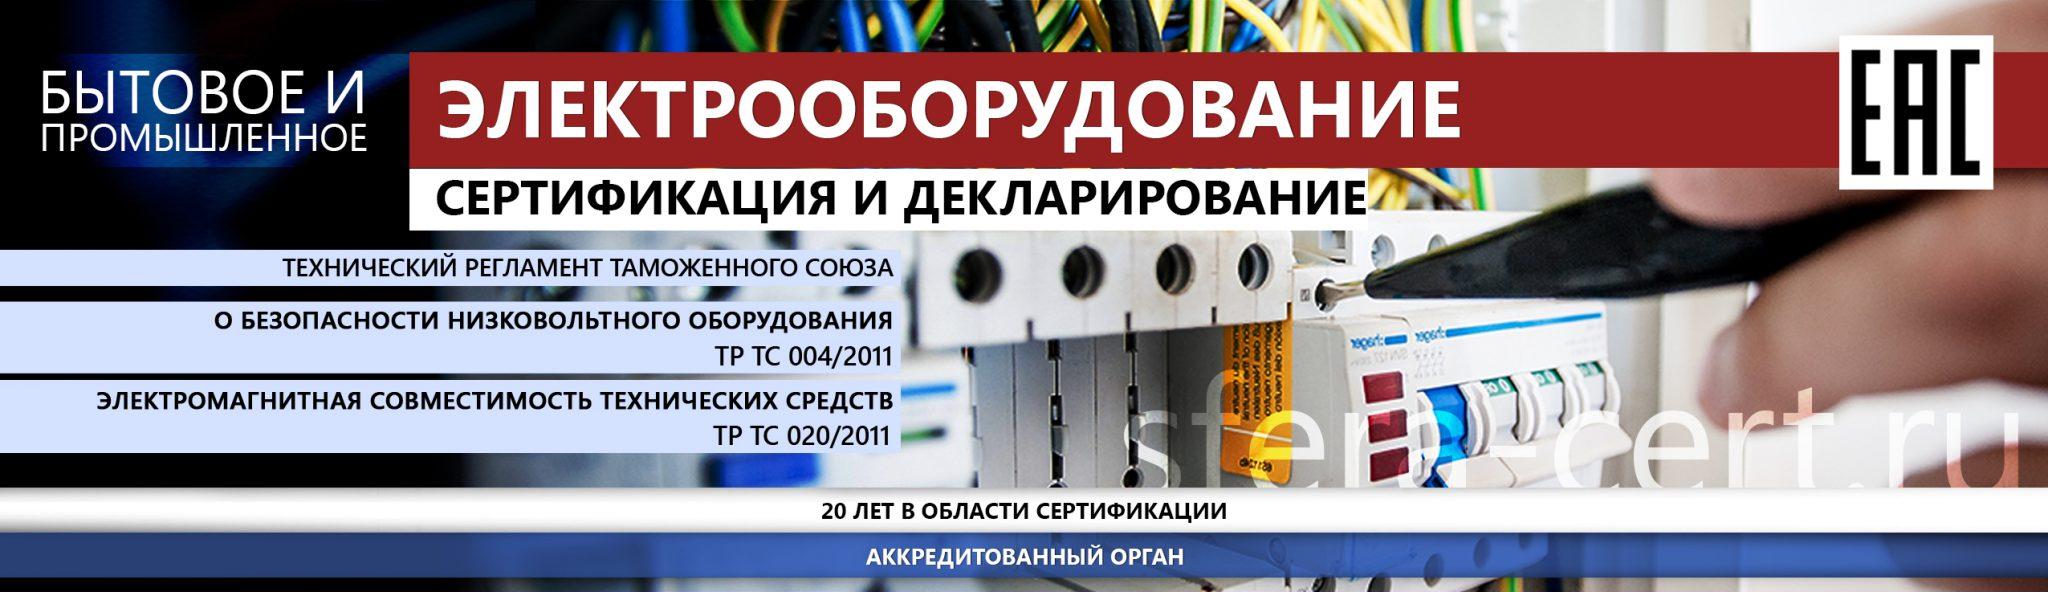 Сертификация низковольтного оборудования баннер